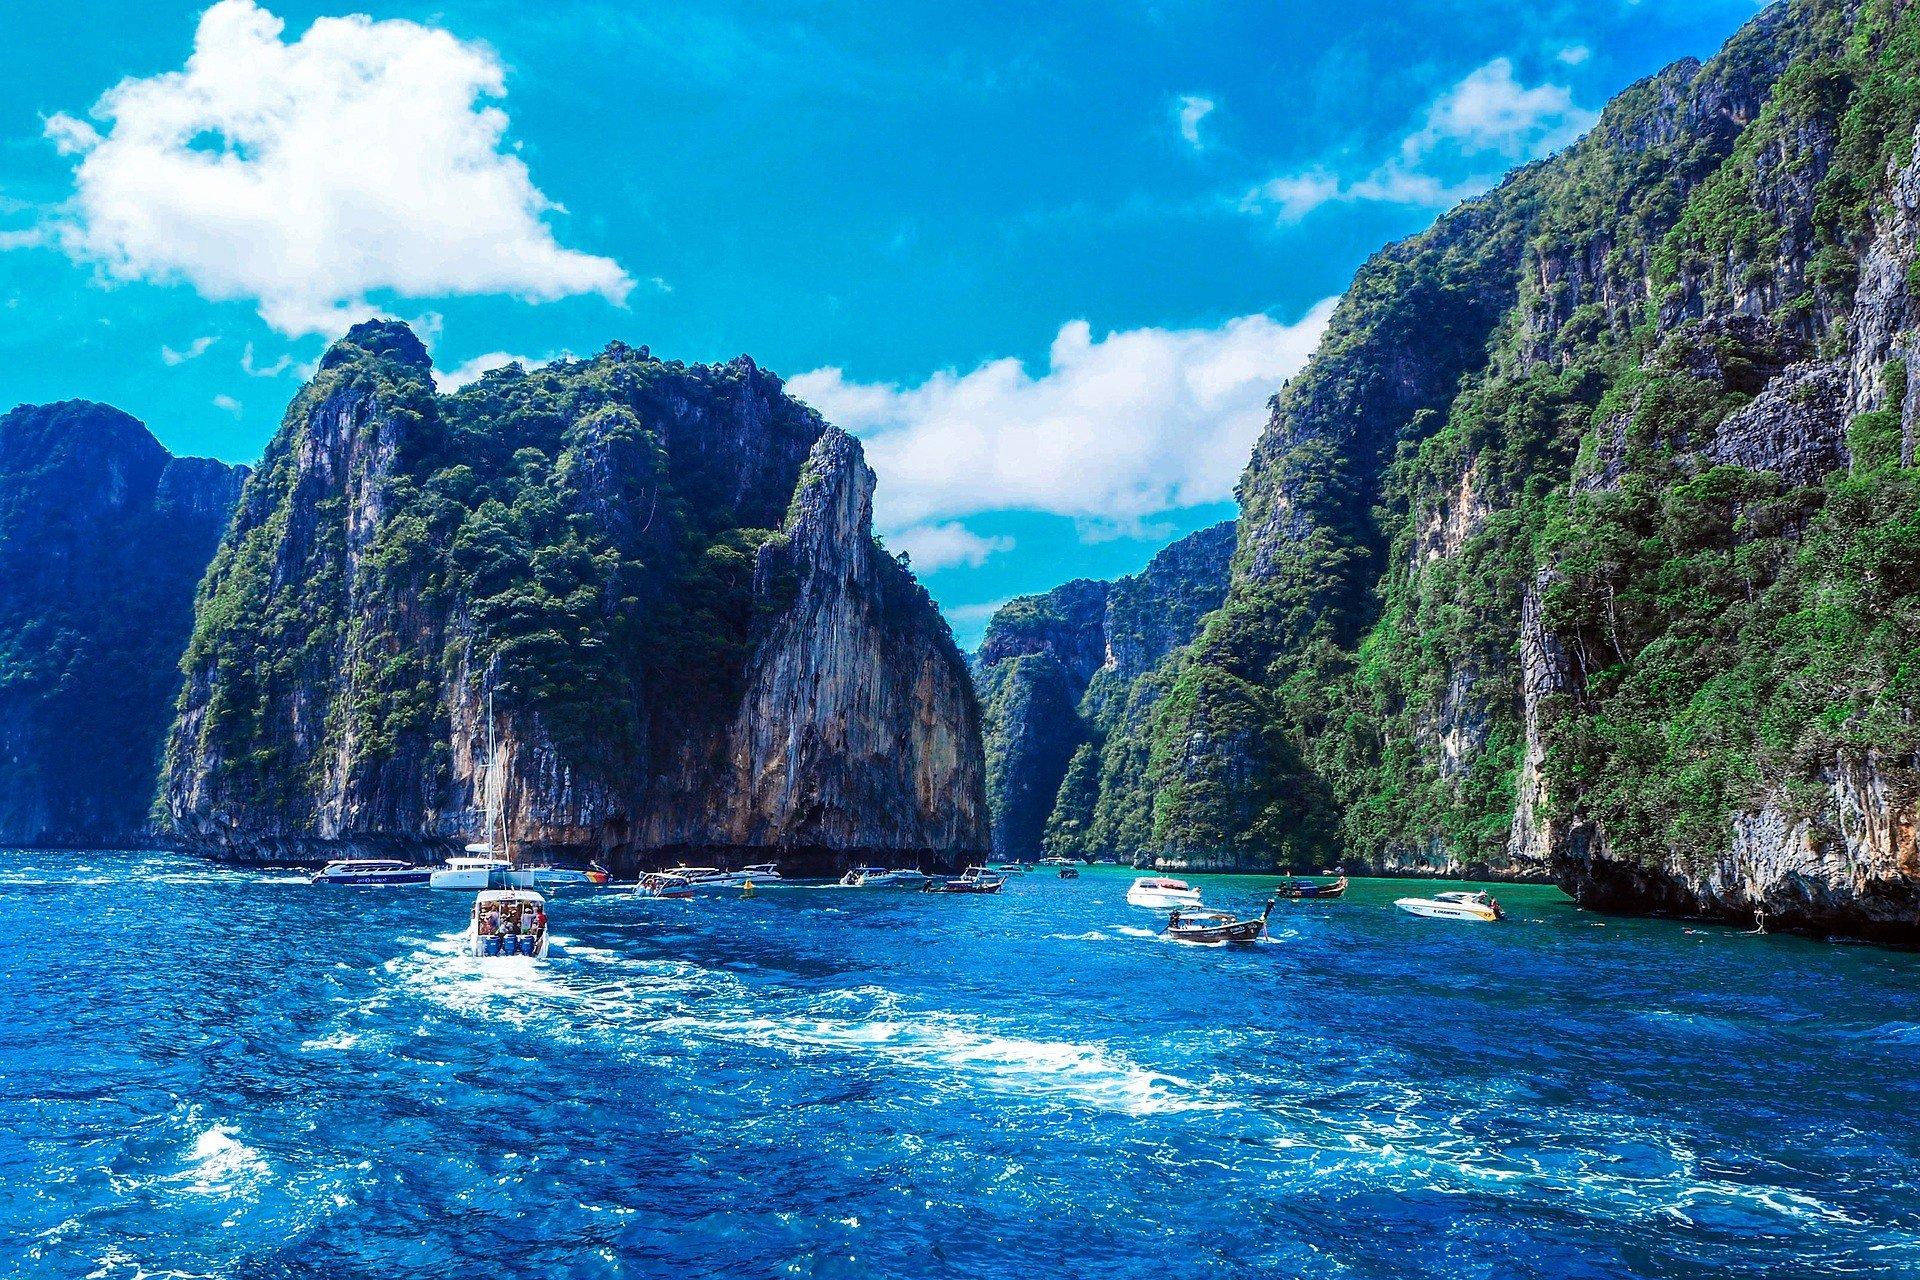 Spectacular scenery in Koh Phi Phi